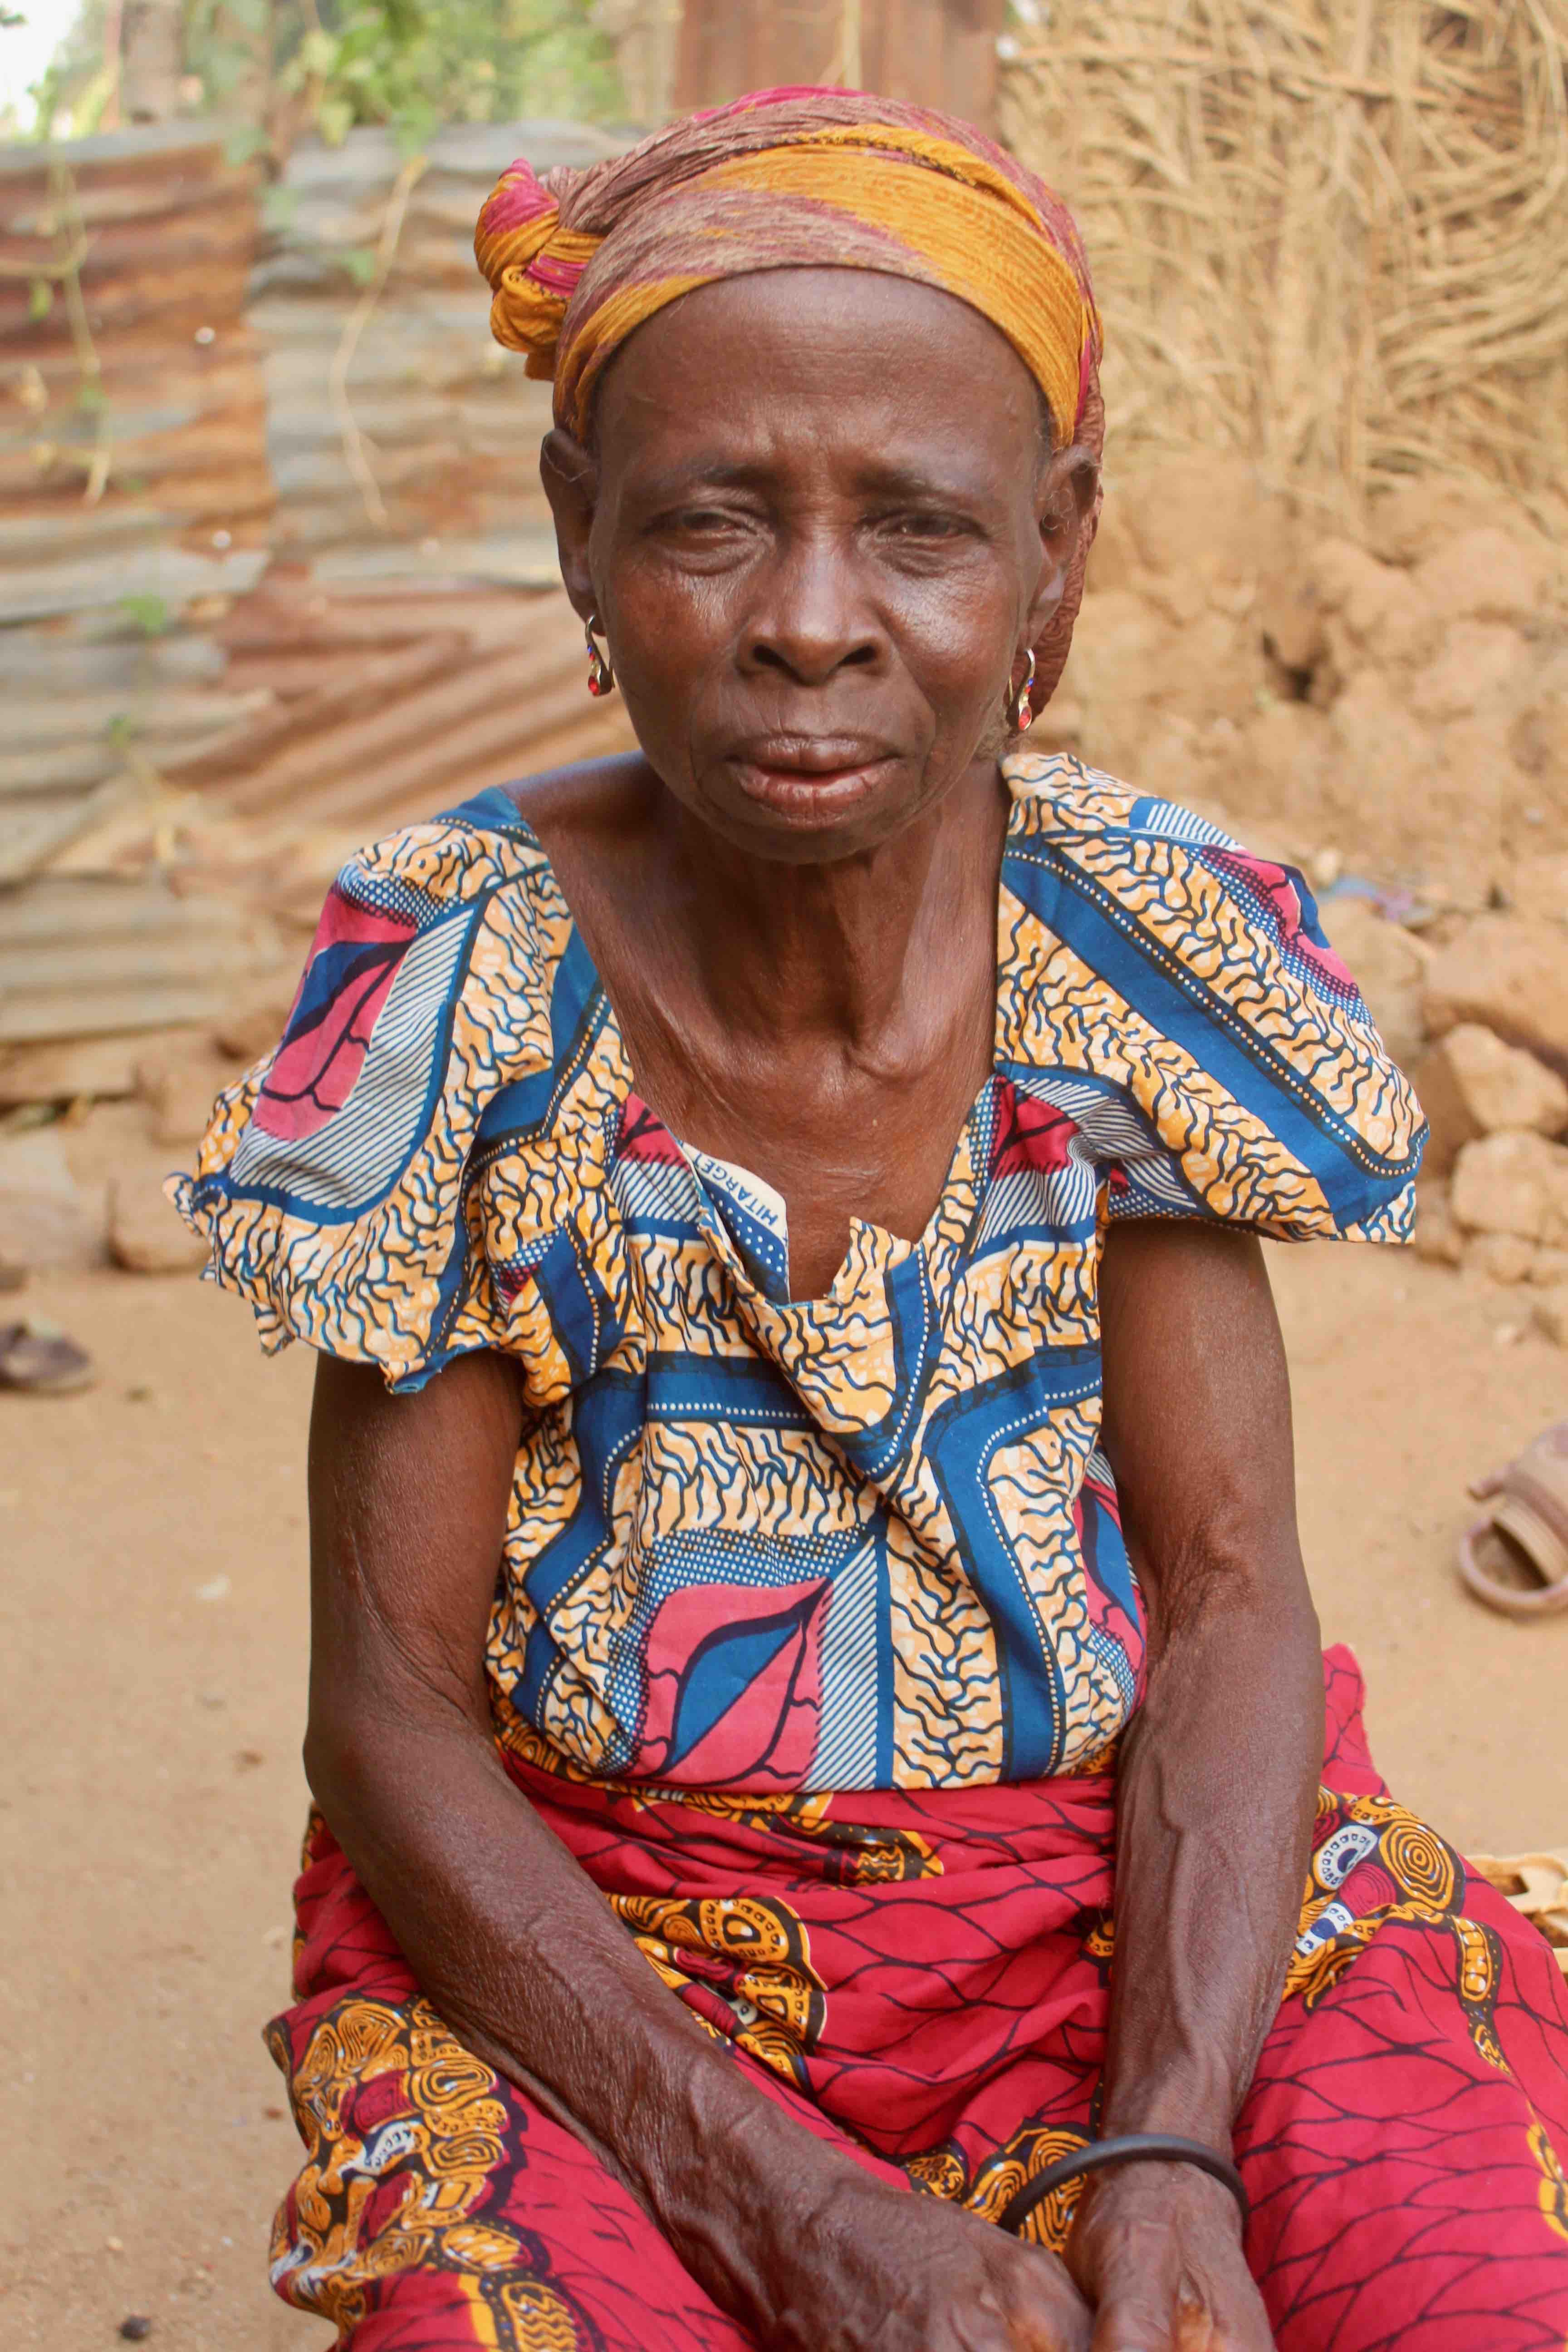 Eggon woman in Langa Langa Village, Nasarawa State, Nigeria. #JujuFilms